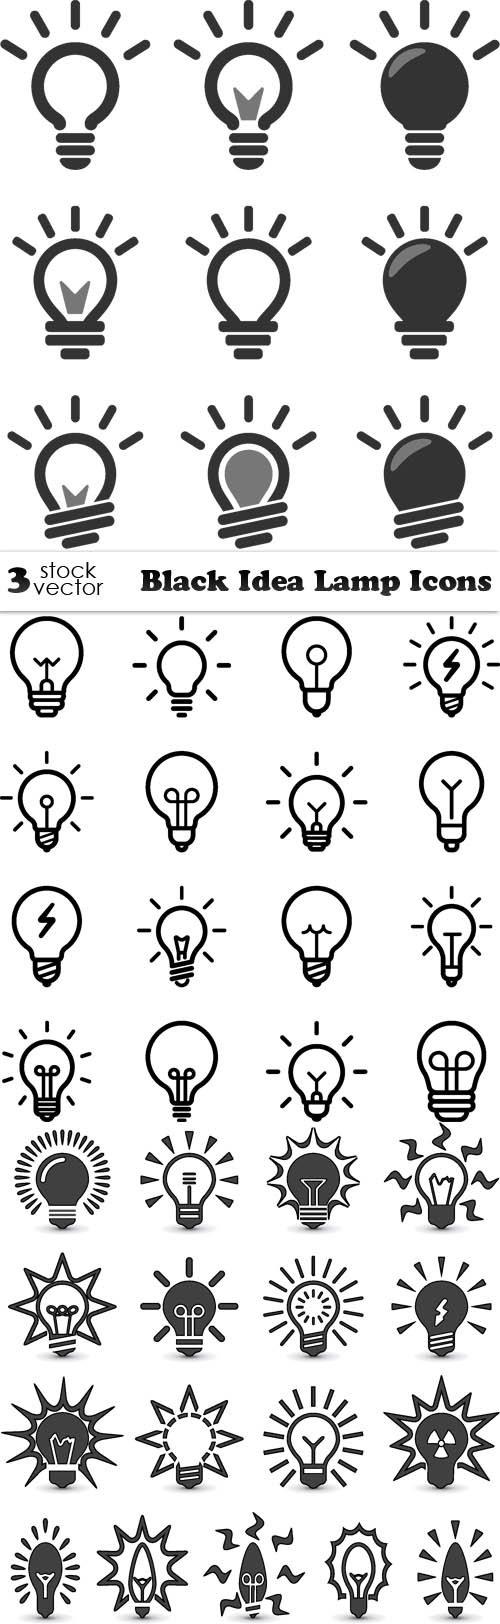 Vectors - Black Idea Lamp Icons